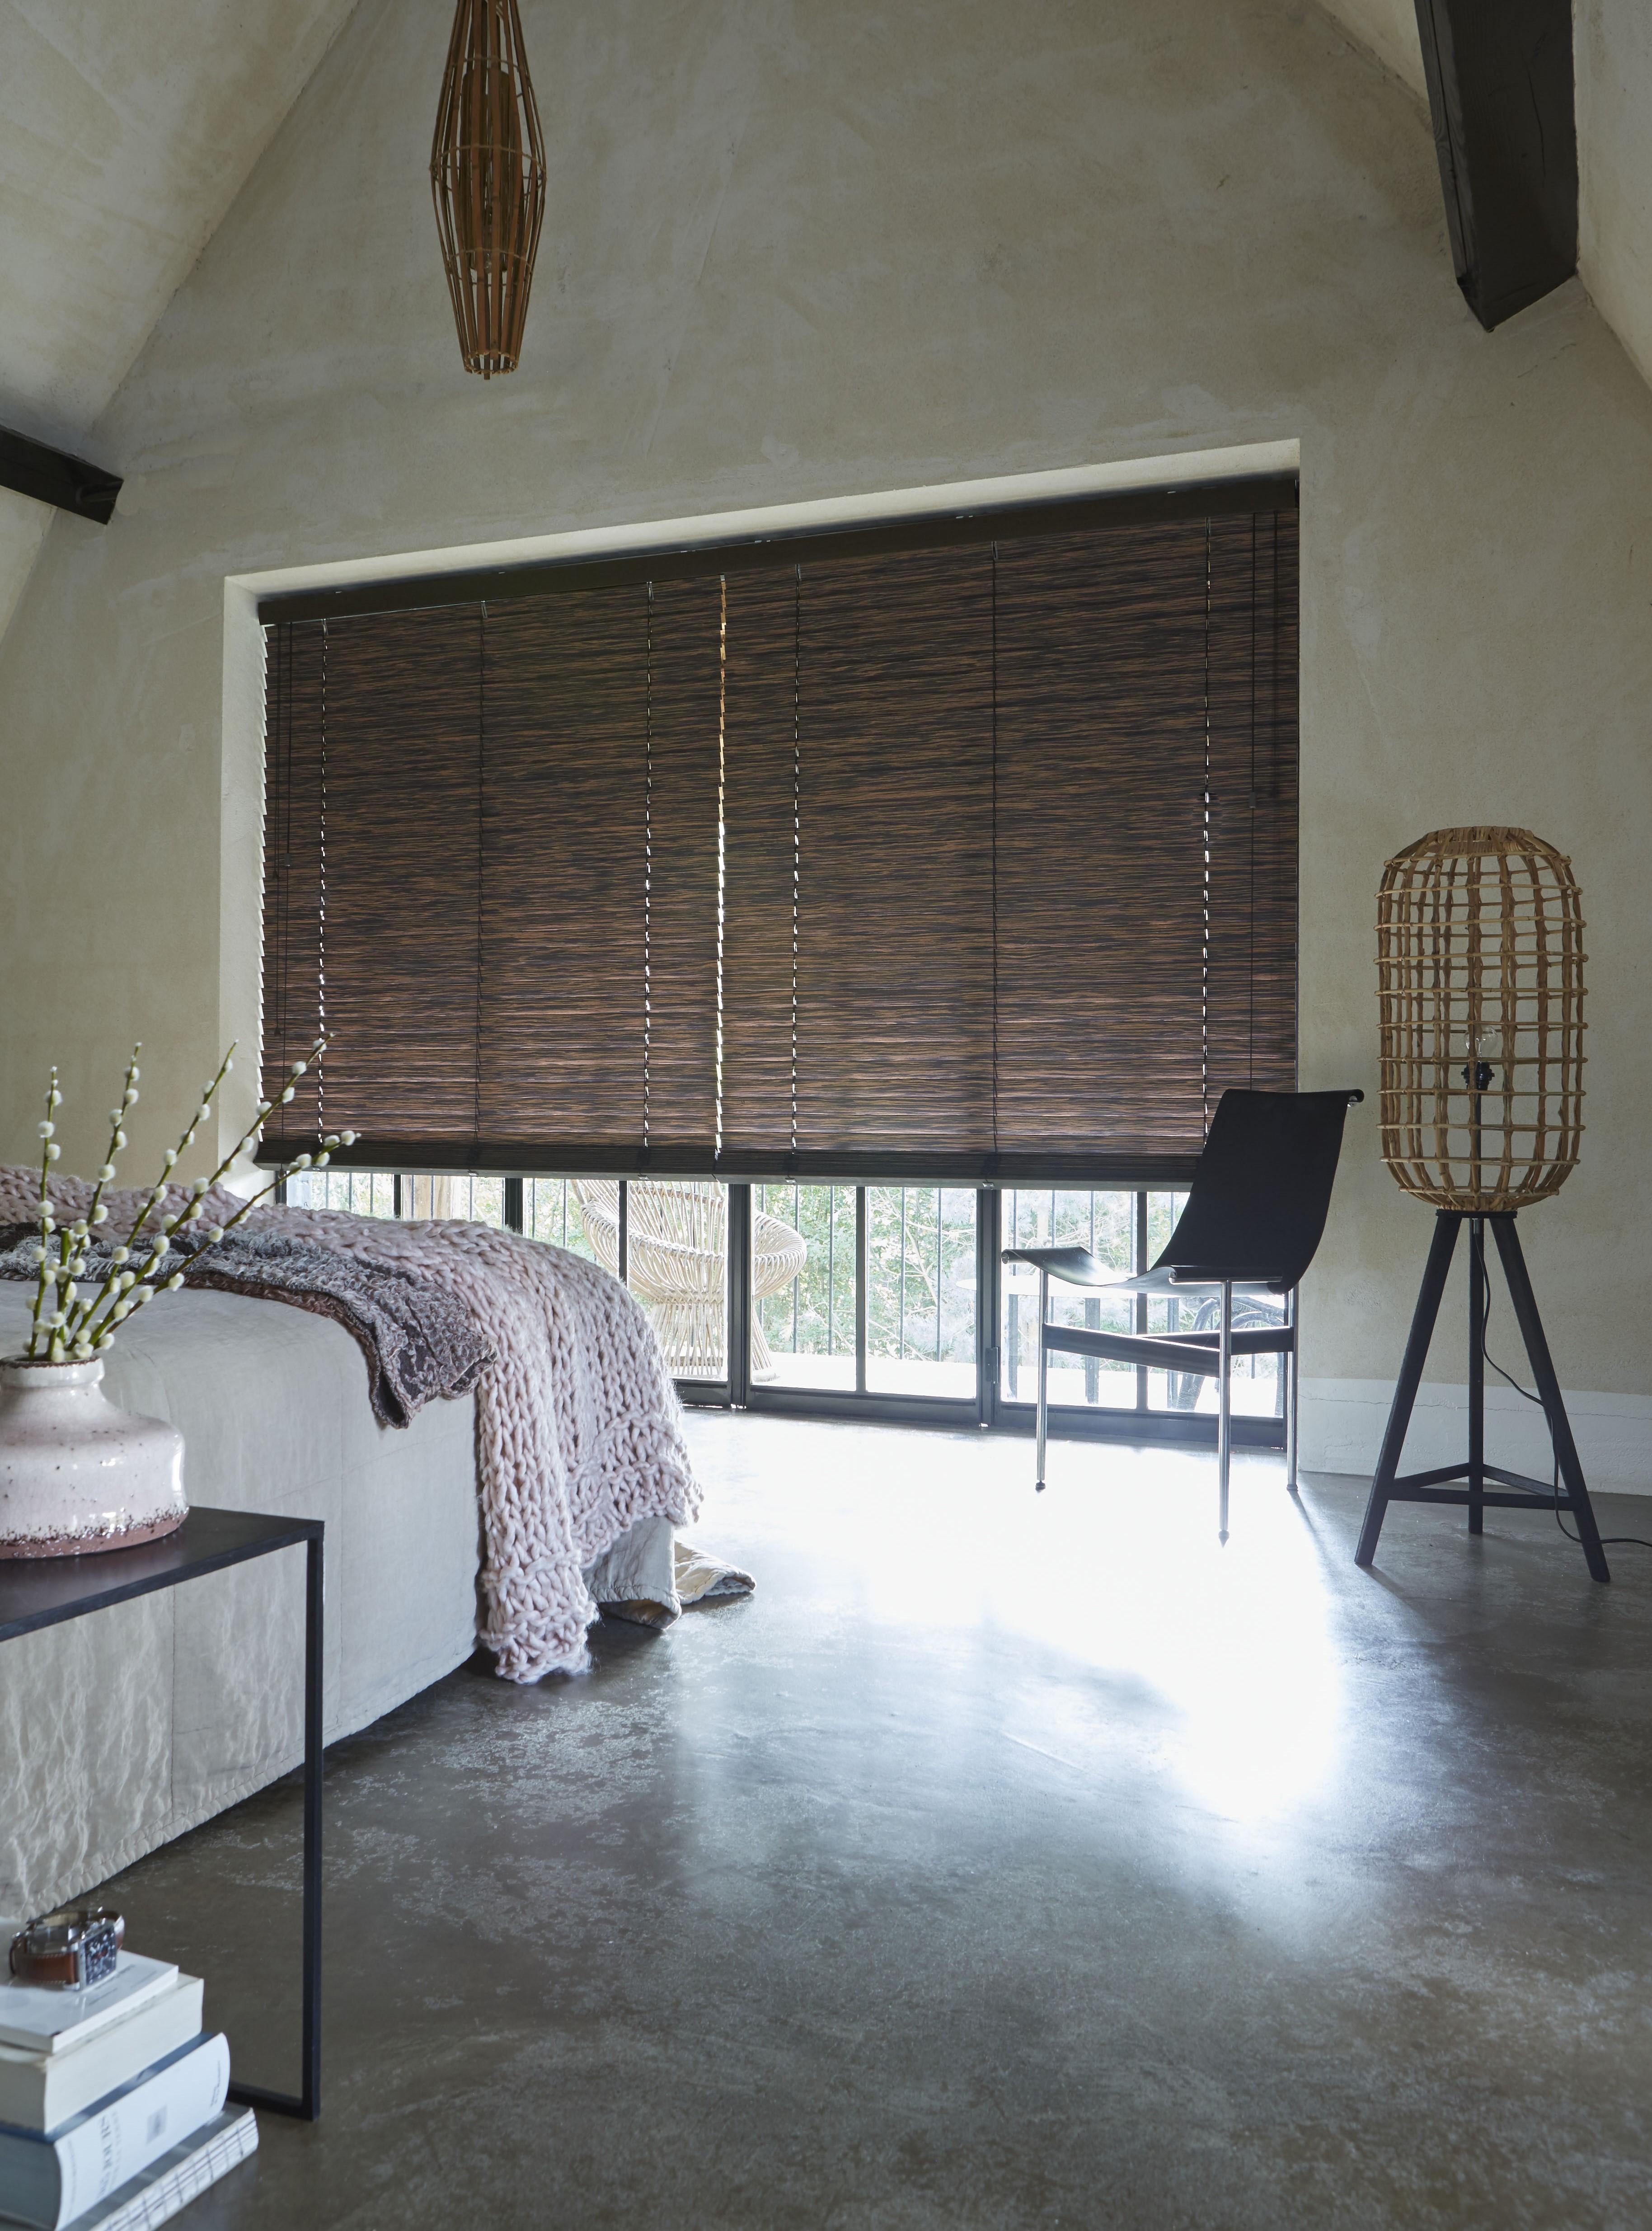 Houten jaloezieën in de slaapkamer | INHUIS Plaza